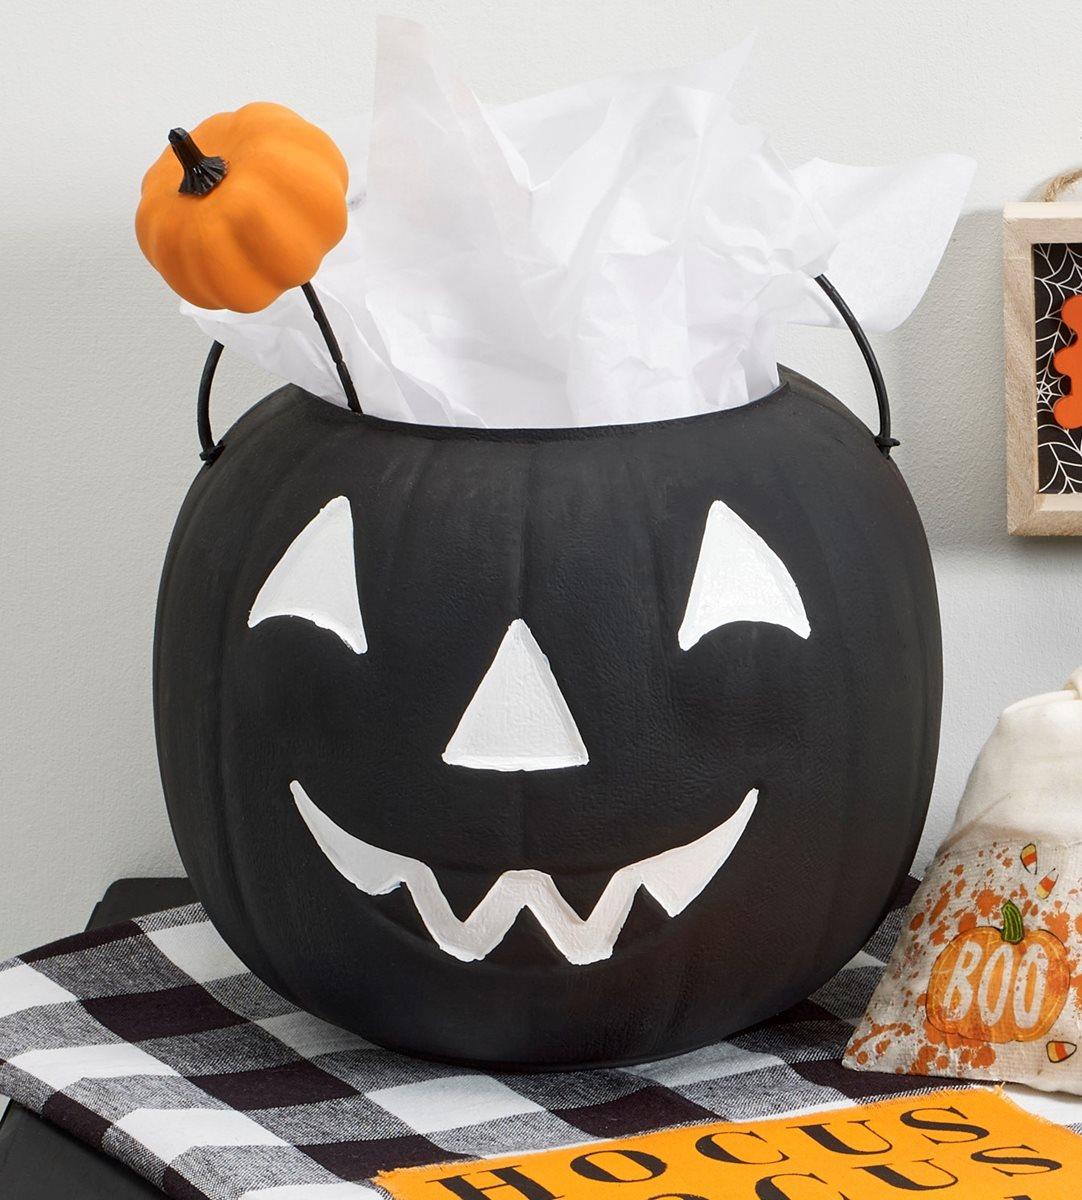 BOO Pumpkin Gift Bucket